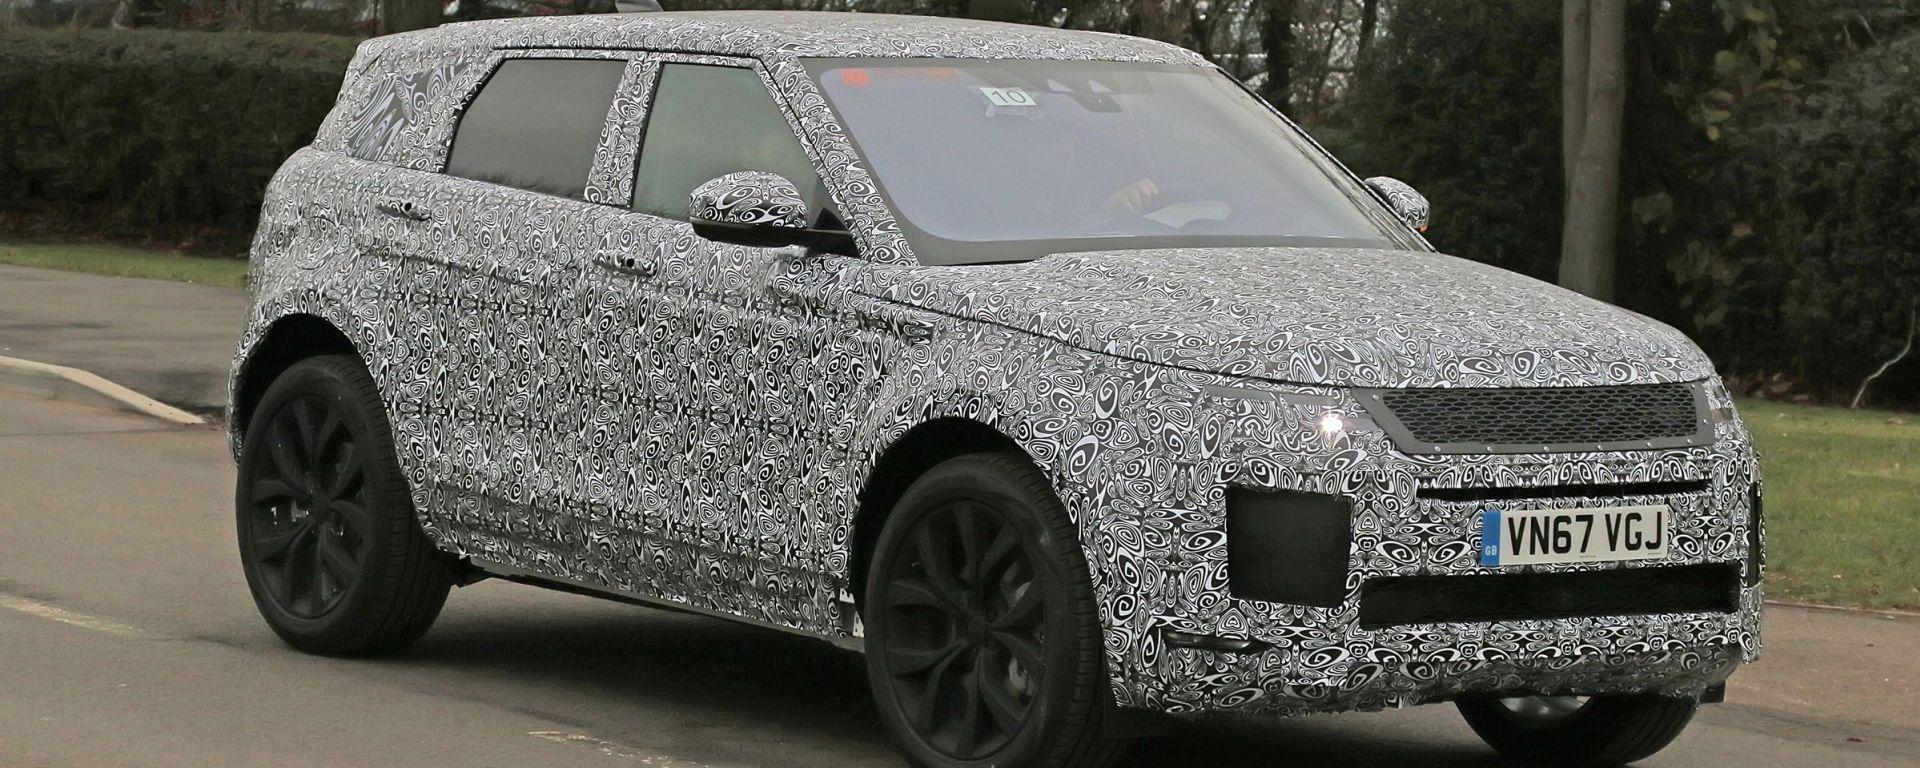 Nuova Range Rover Evoque: le foto spia